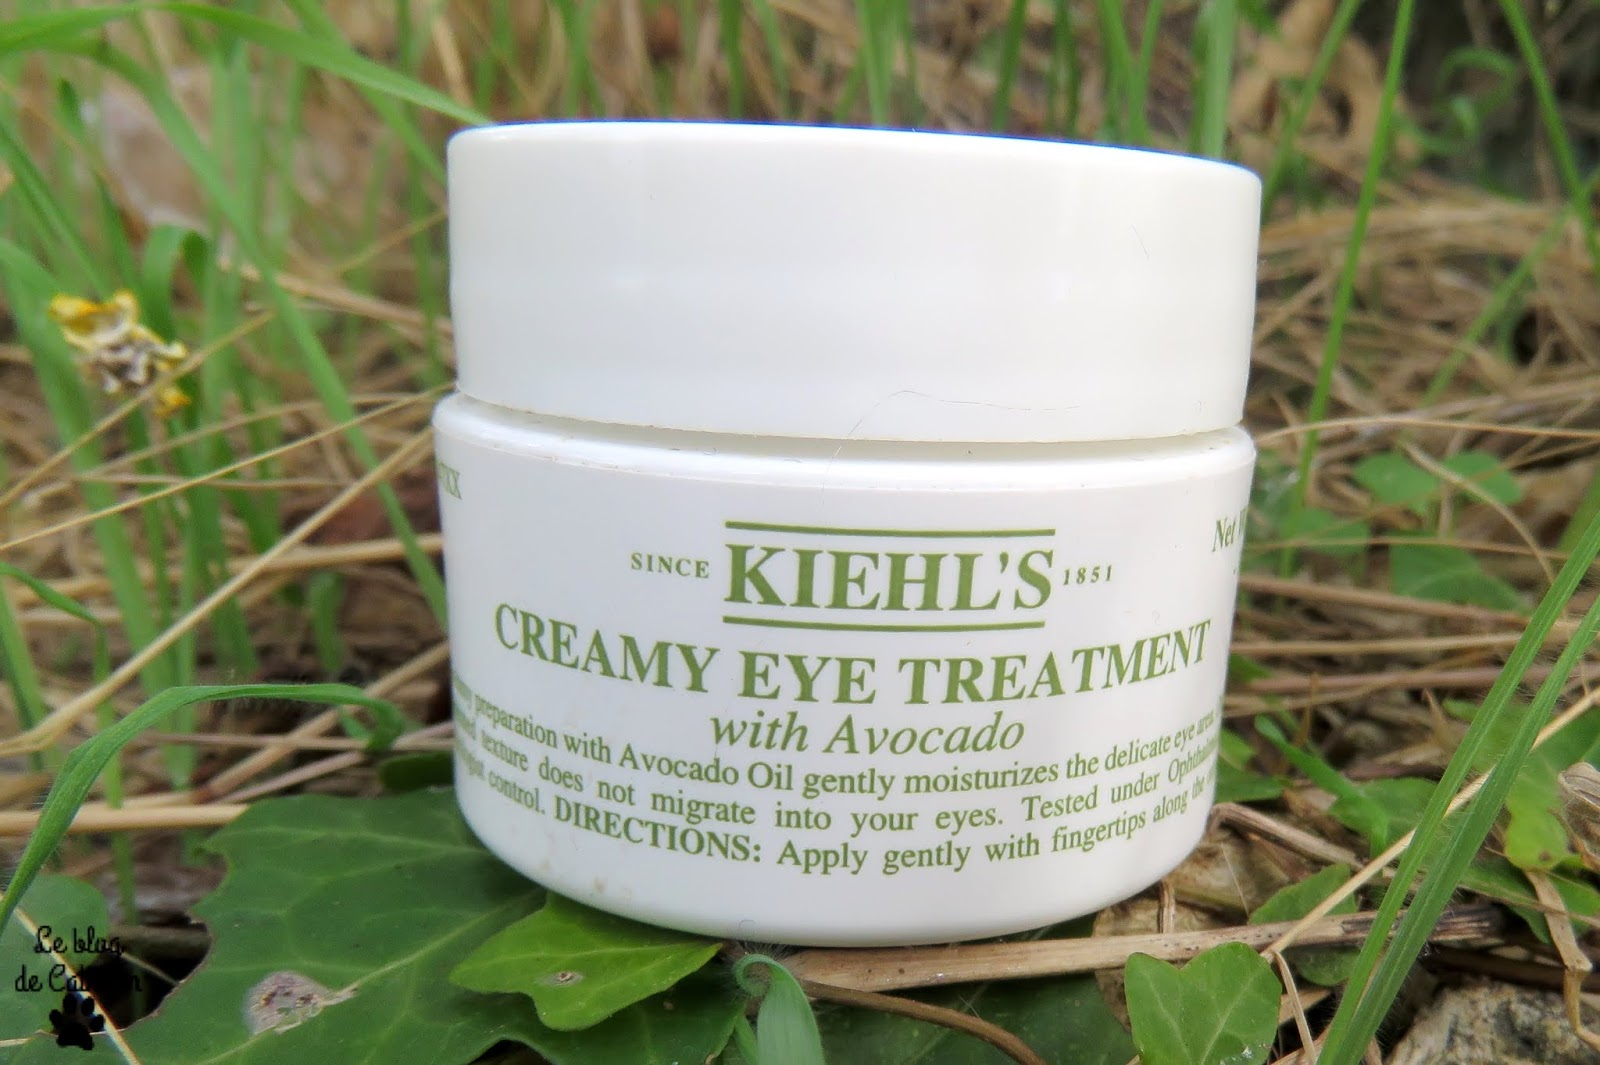 Creamy Eye Treatment With Avocado - Crème Contour des yeux à l'avocat - Kiehl's